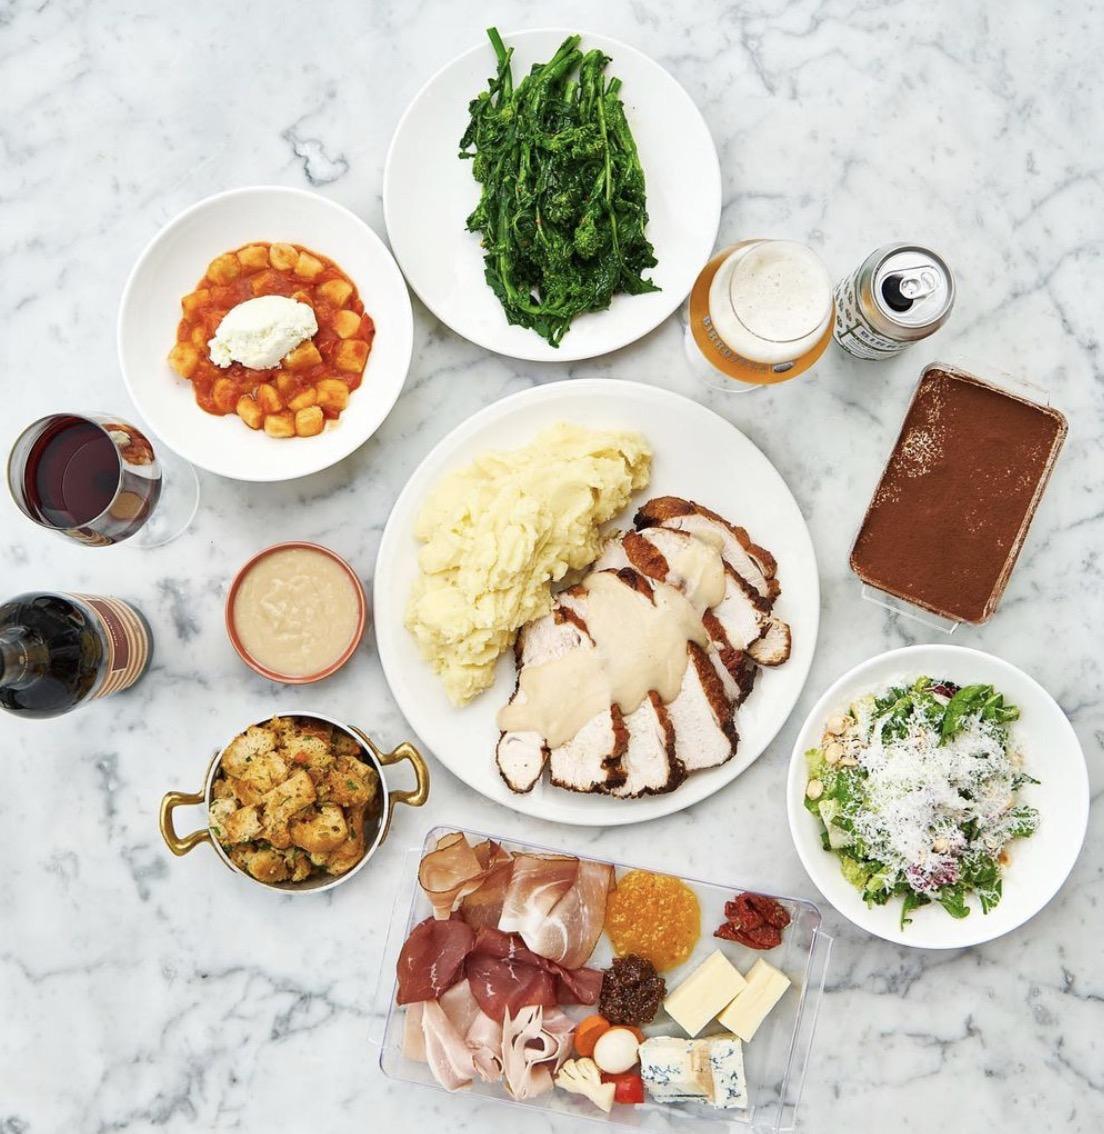 eataly toronto thanksgiving